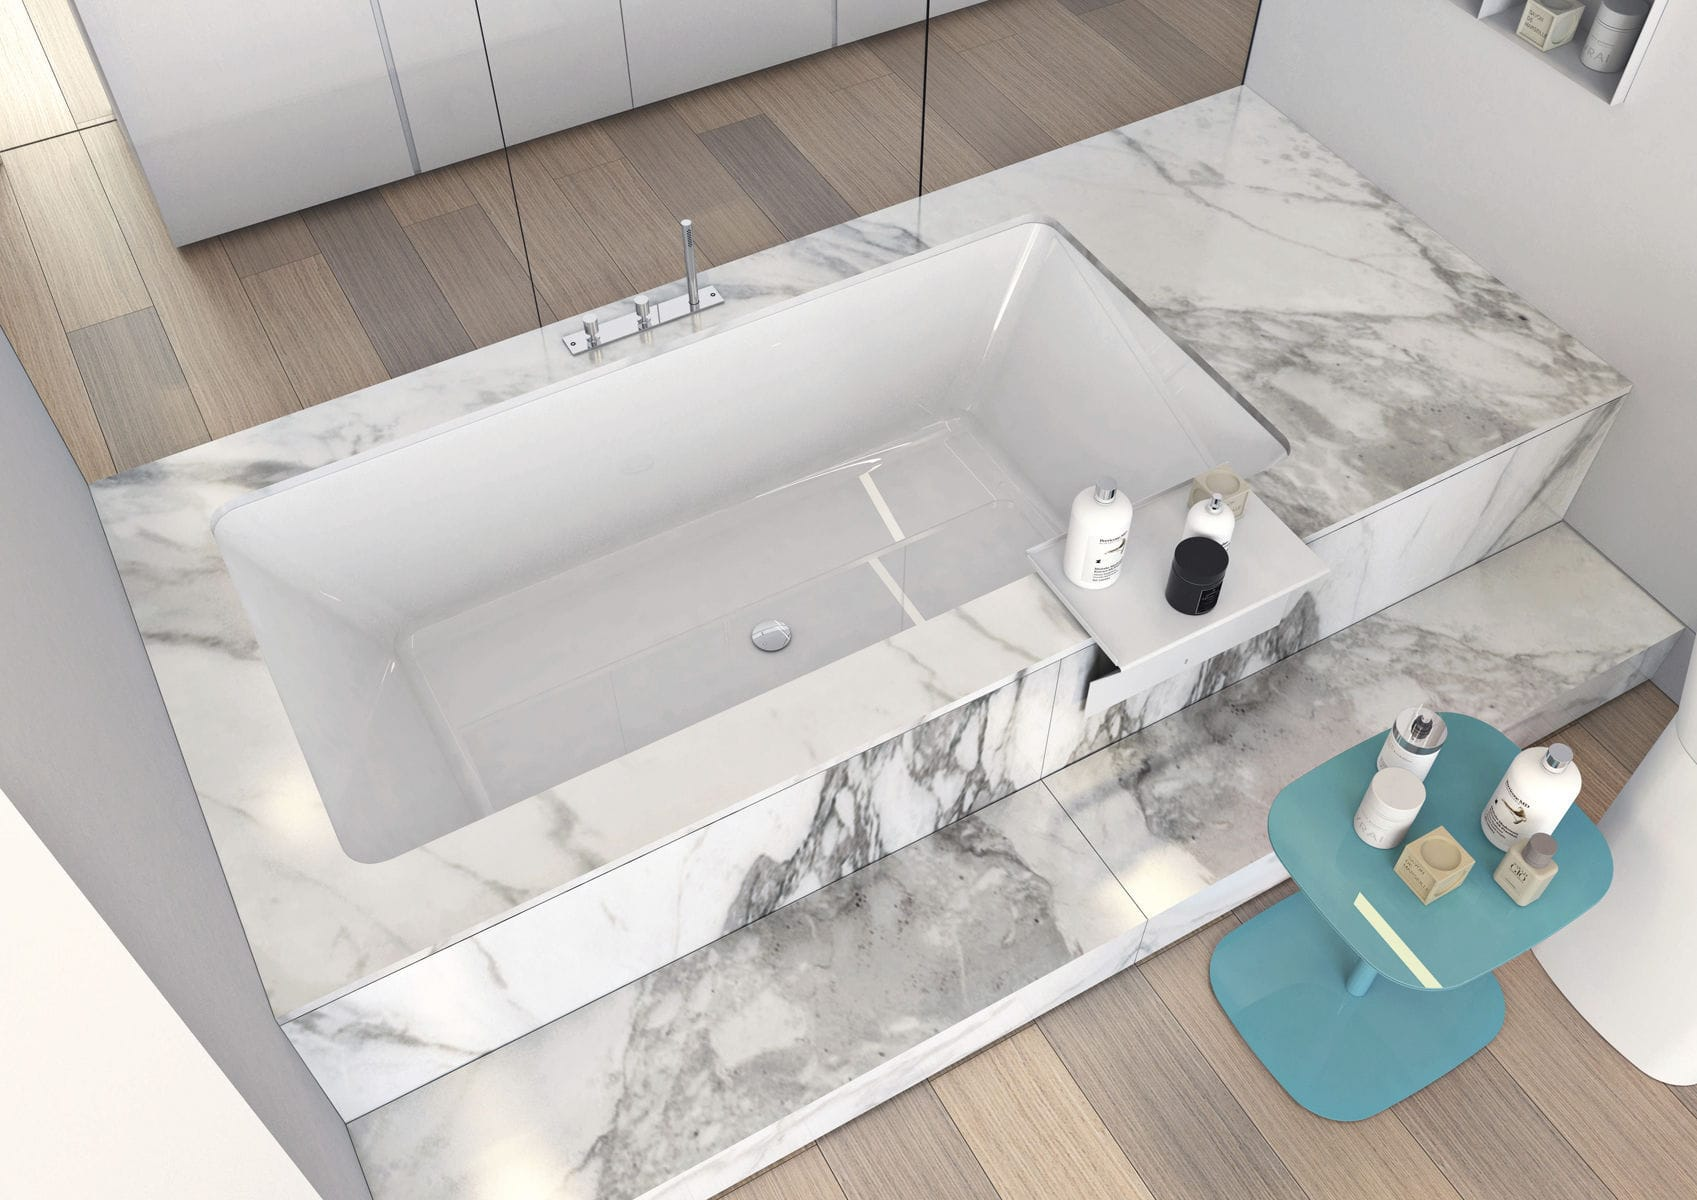 Vasca Da Bagno In Resina : Vasca da bagno in corian® in resina in marmo in legno wave